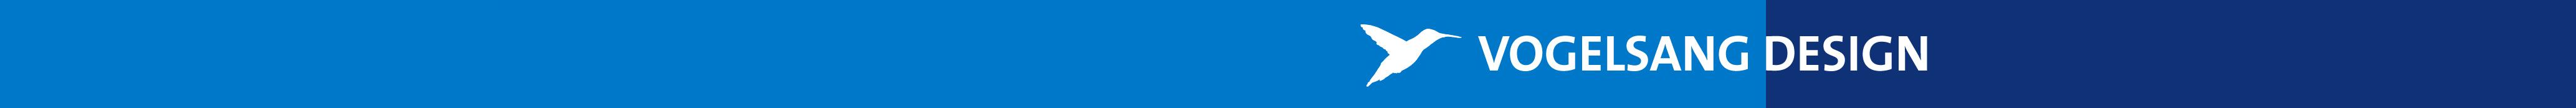 Vogelsang Design Logo